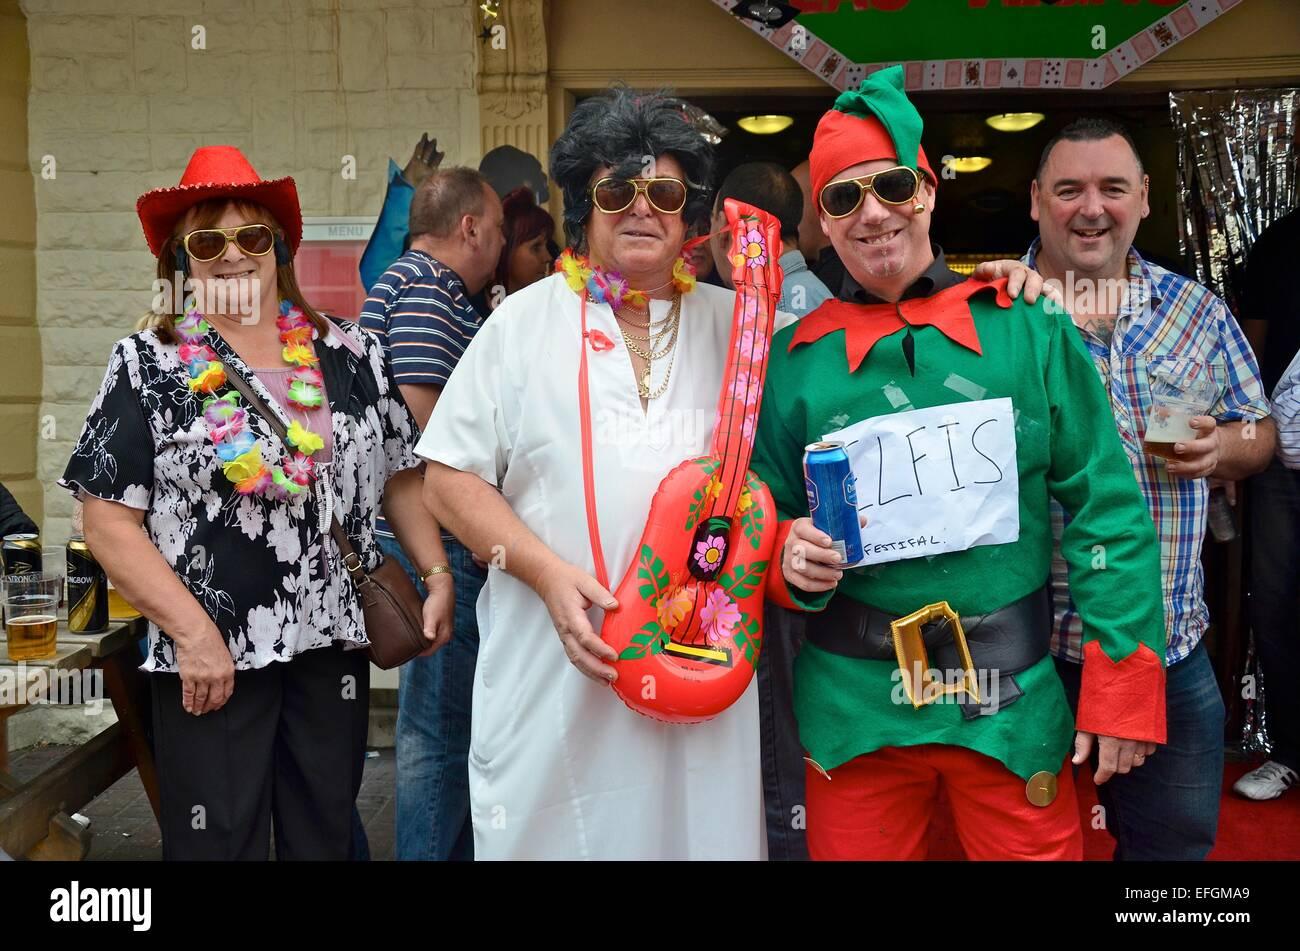 Les imitateurs d'Elvis au Festival Elvis 2013 (l) Elvies dans Porthcawl, South Wales, UK Photo Stock